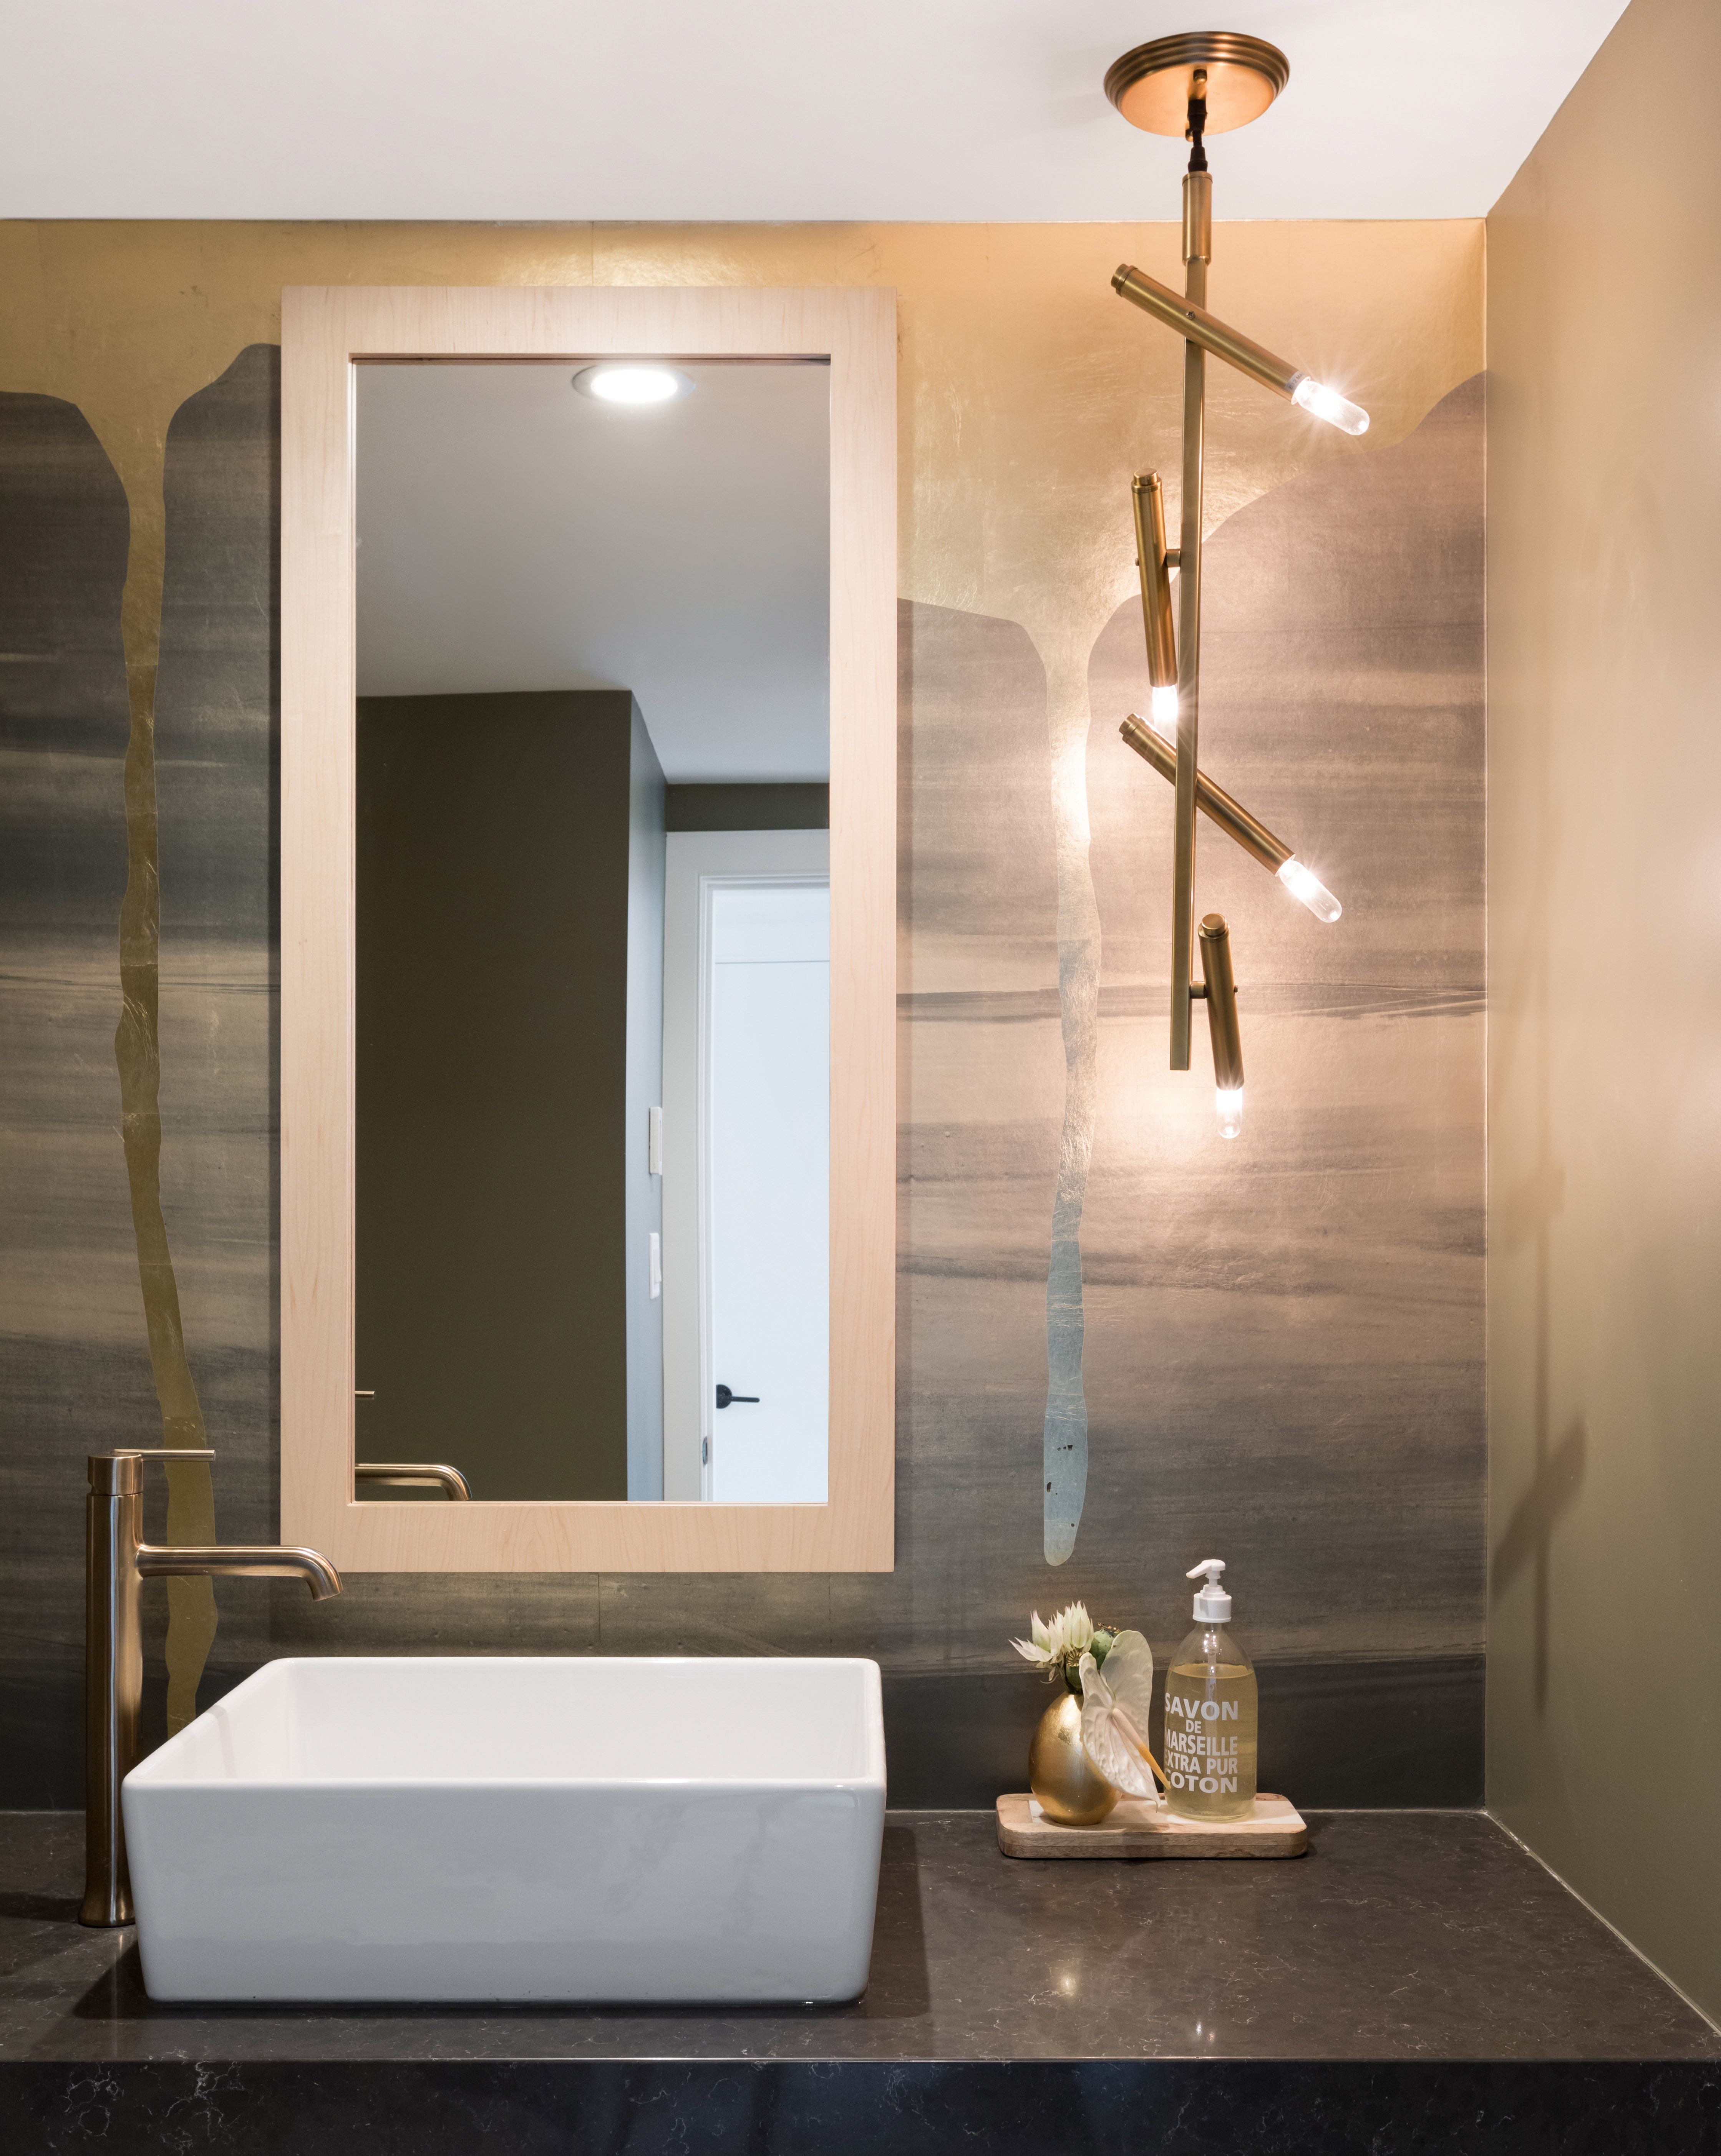 Fir Bathroom Design Home Interior Inspiration